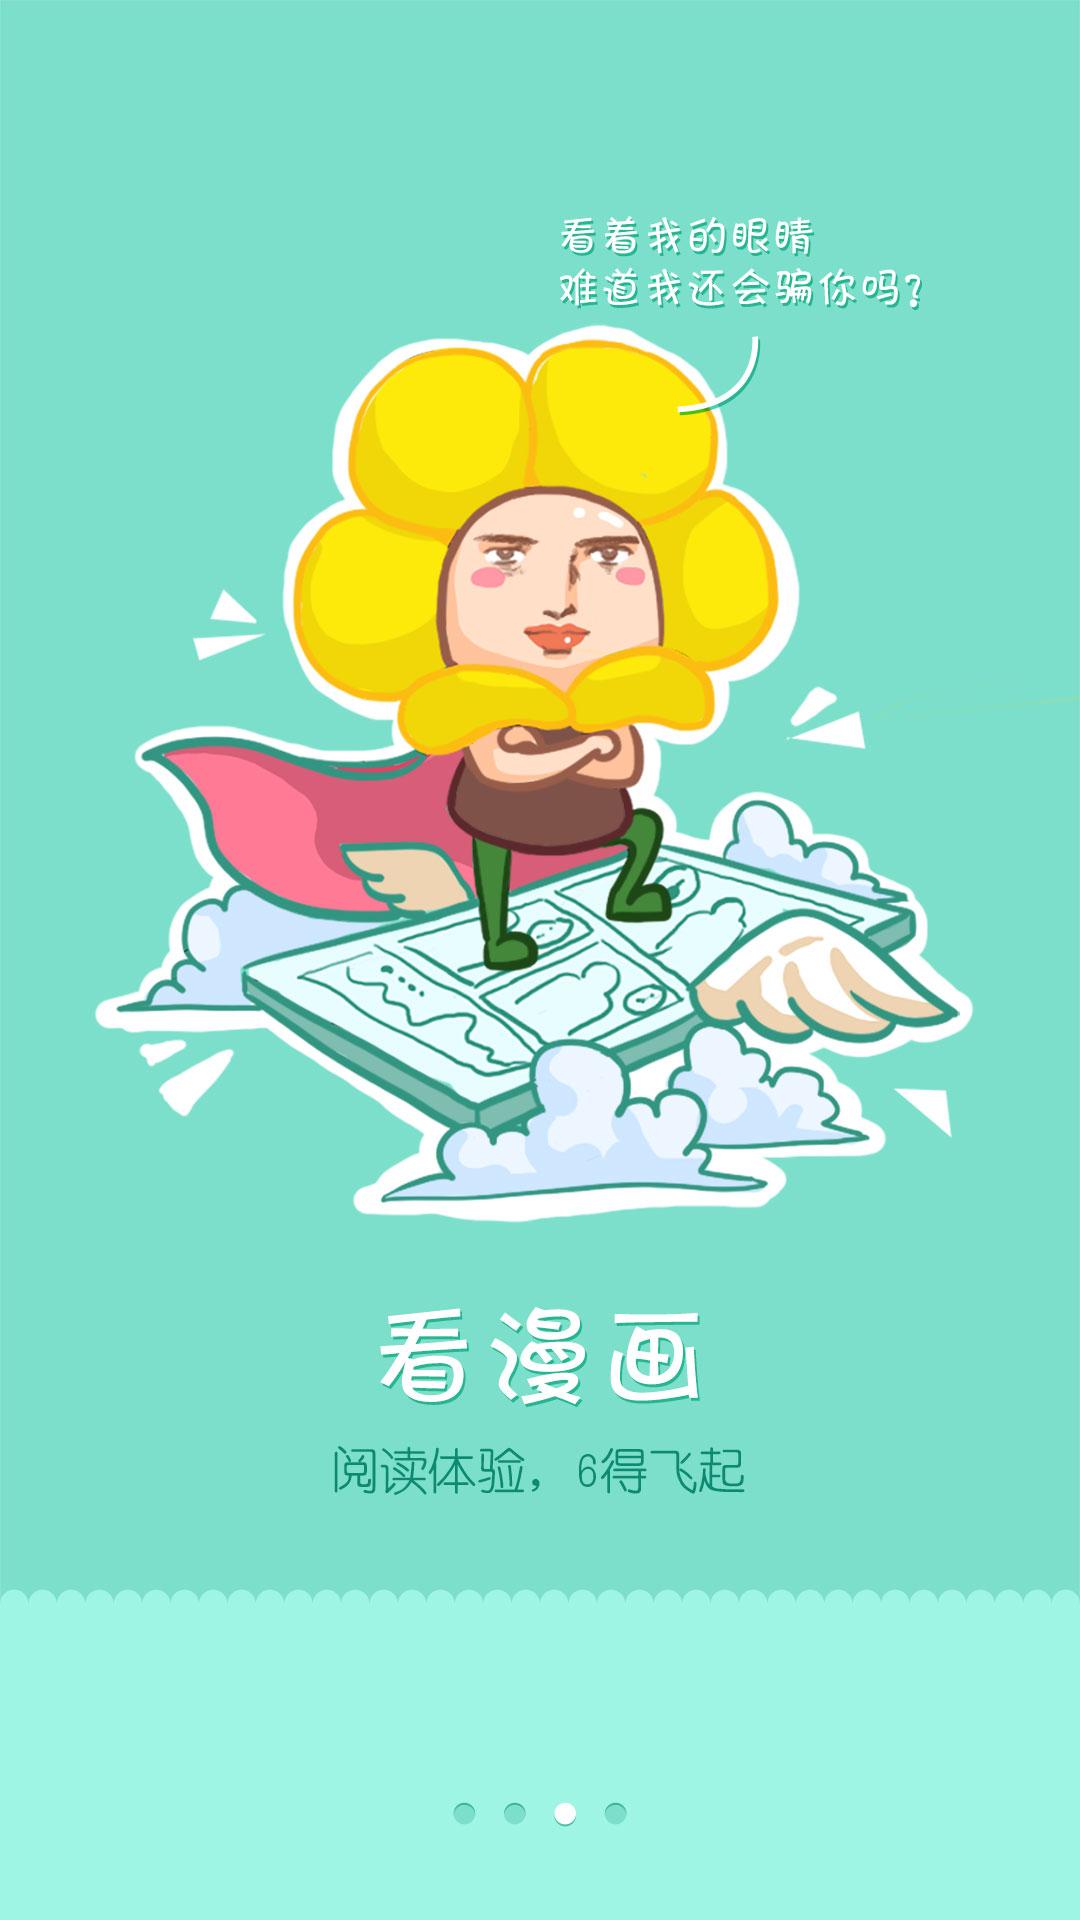 漫画人-新闻阅读-安卓android手机软件下载-nearme